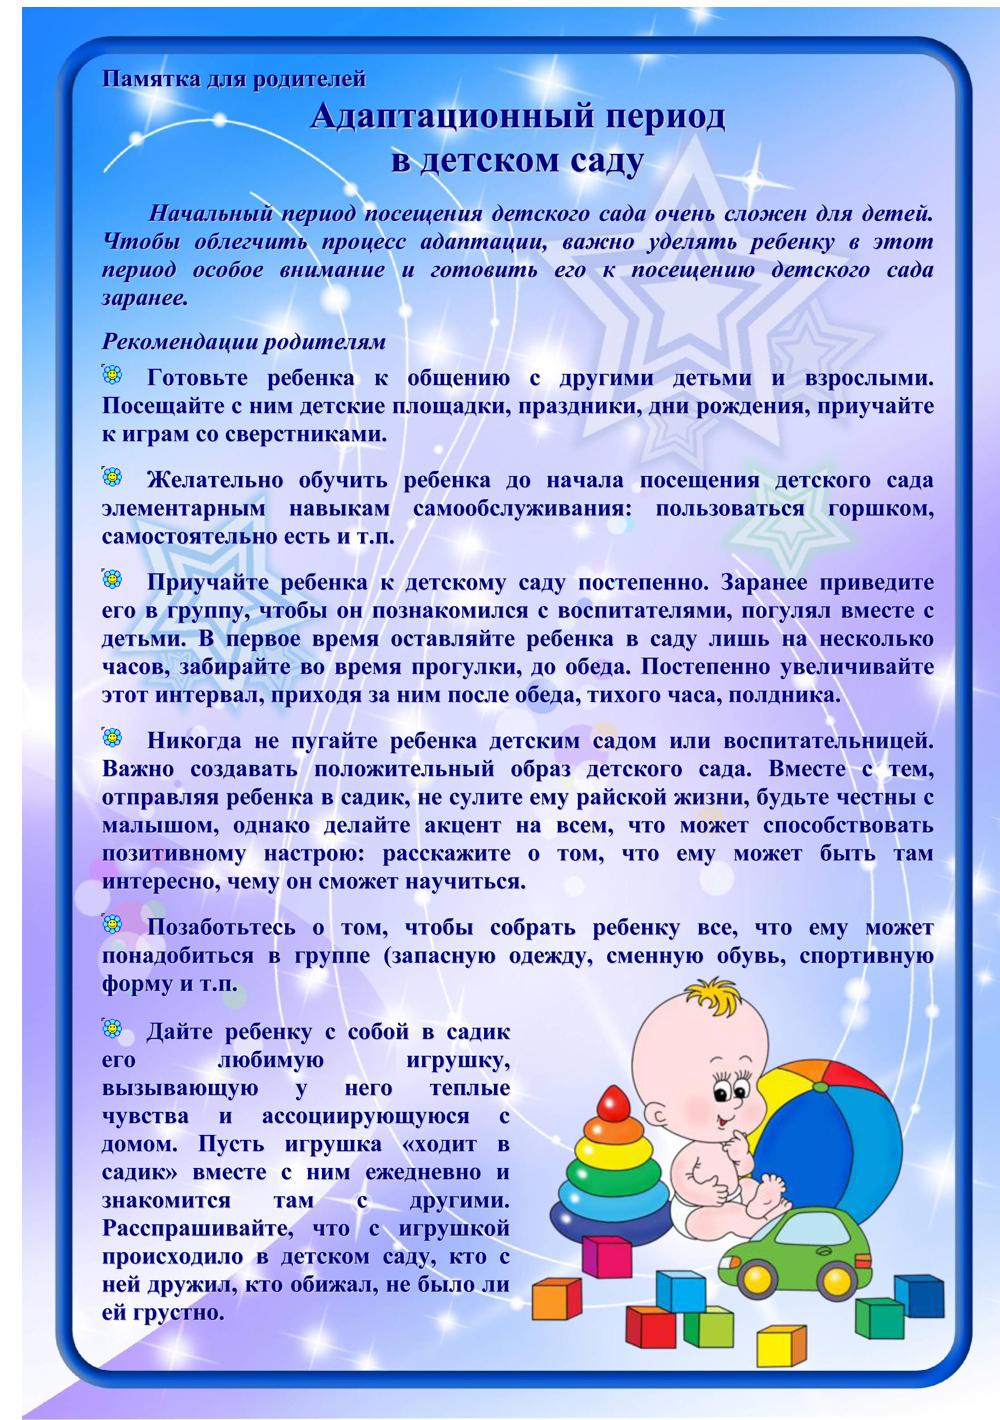 """Памятки для родителей: """"адаптация детей раннего возраста в дошкольном образовательном учреждении""""                                консультация на тему"""